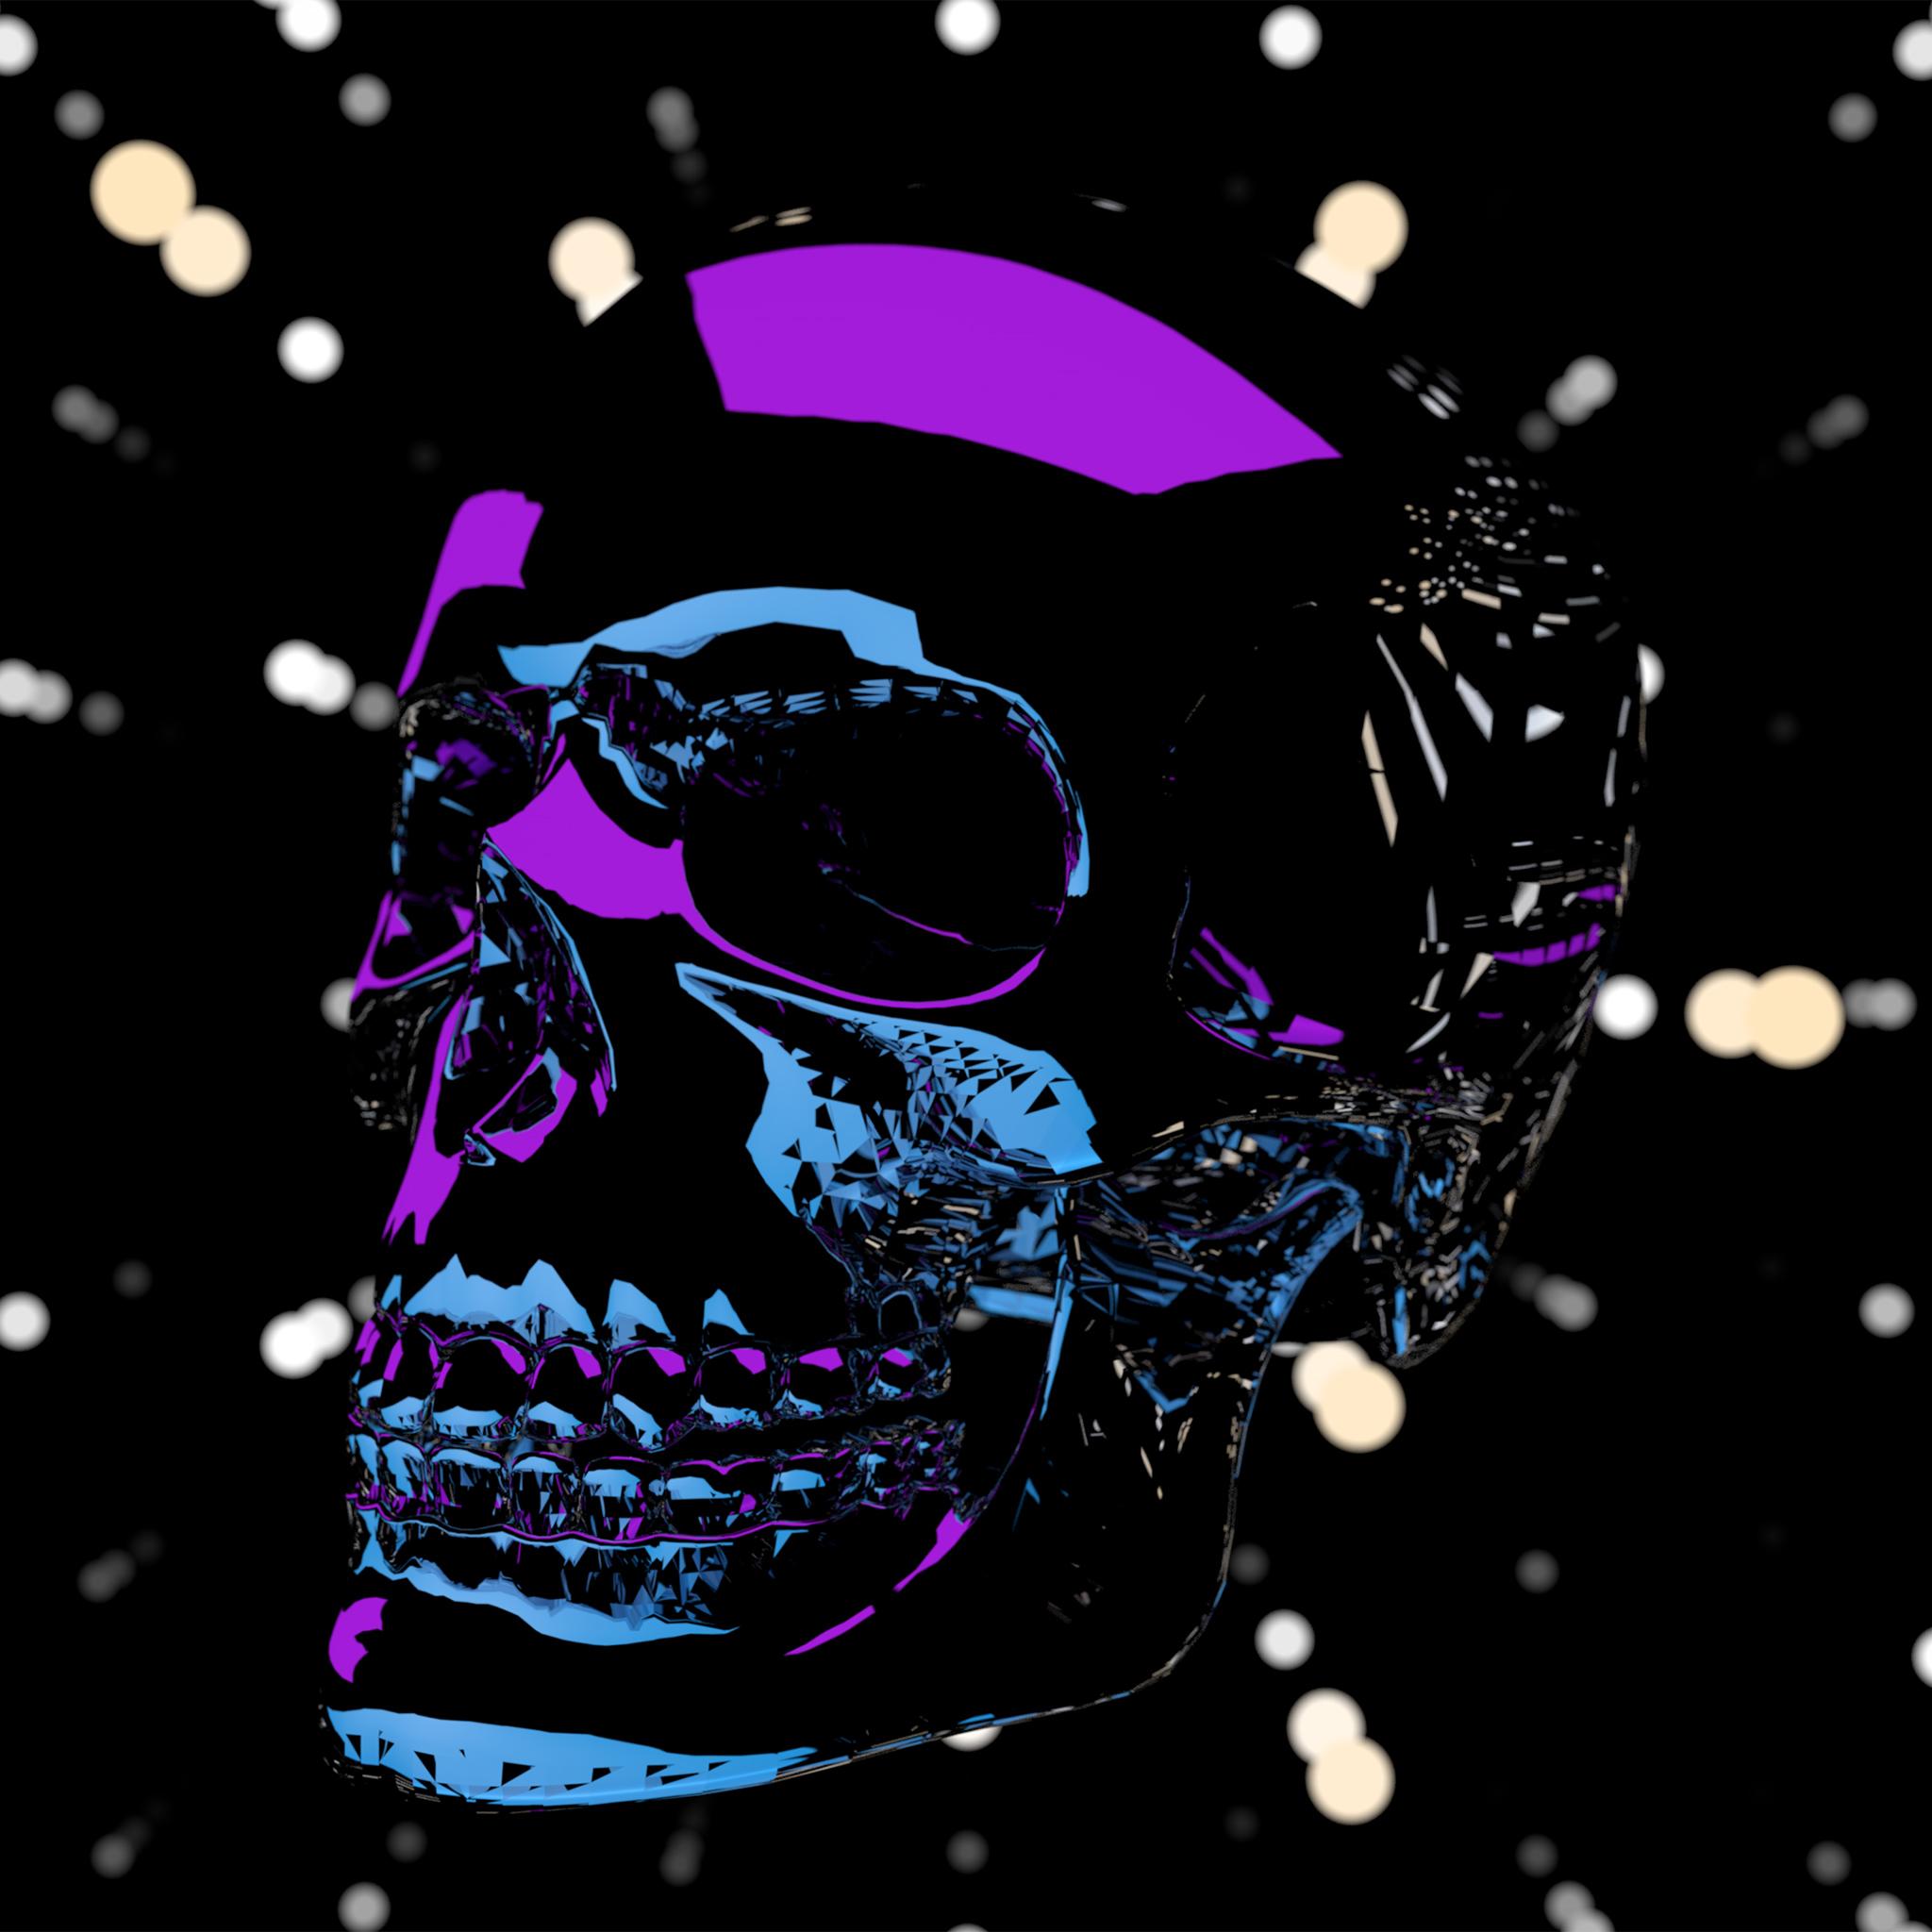 skull_nod_left_4k